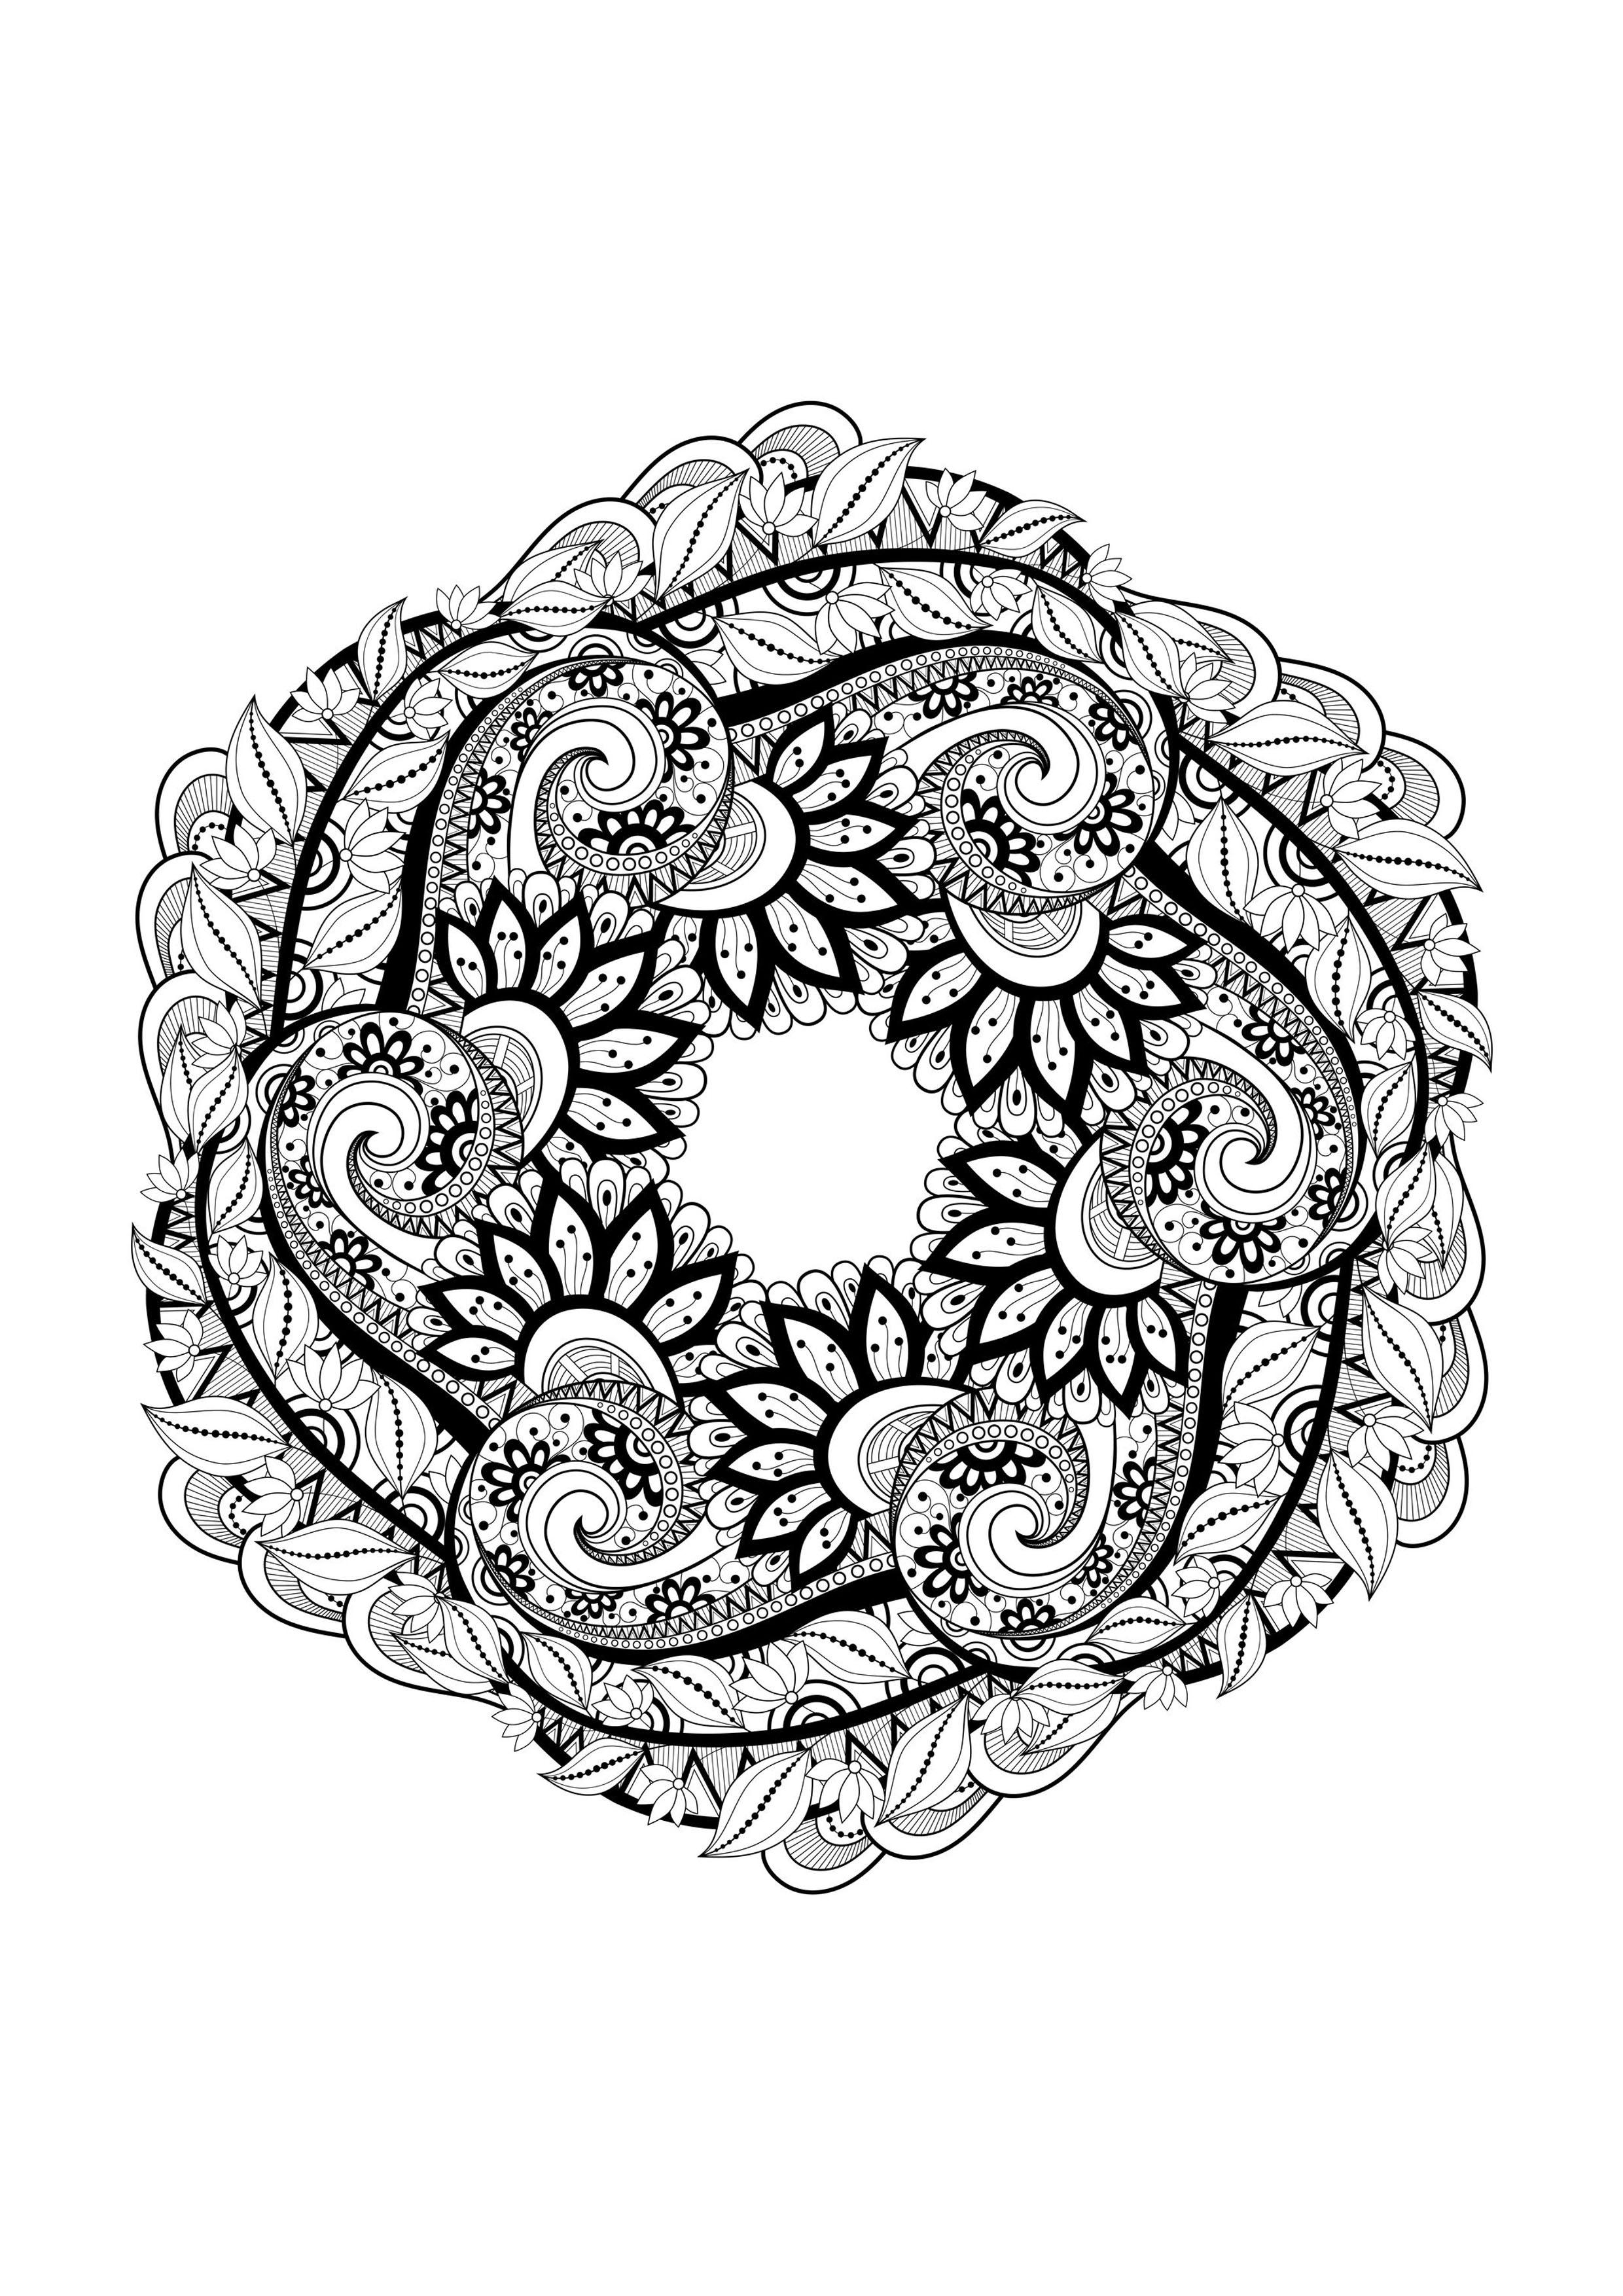 Mandala avec fleurs et feuilles tres detaillees